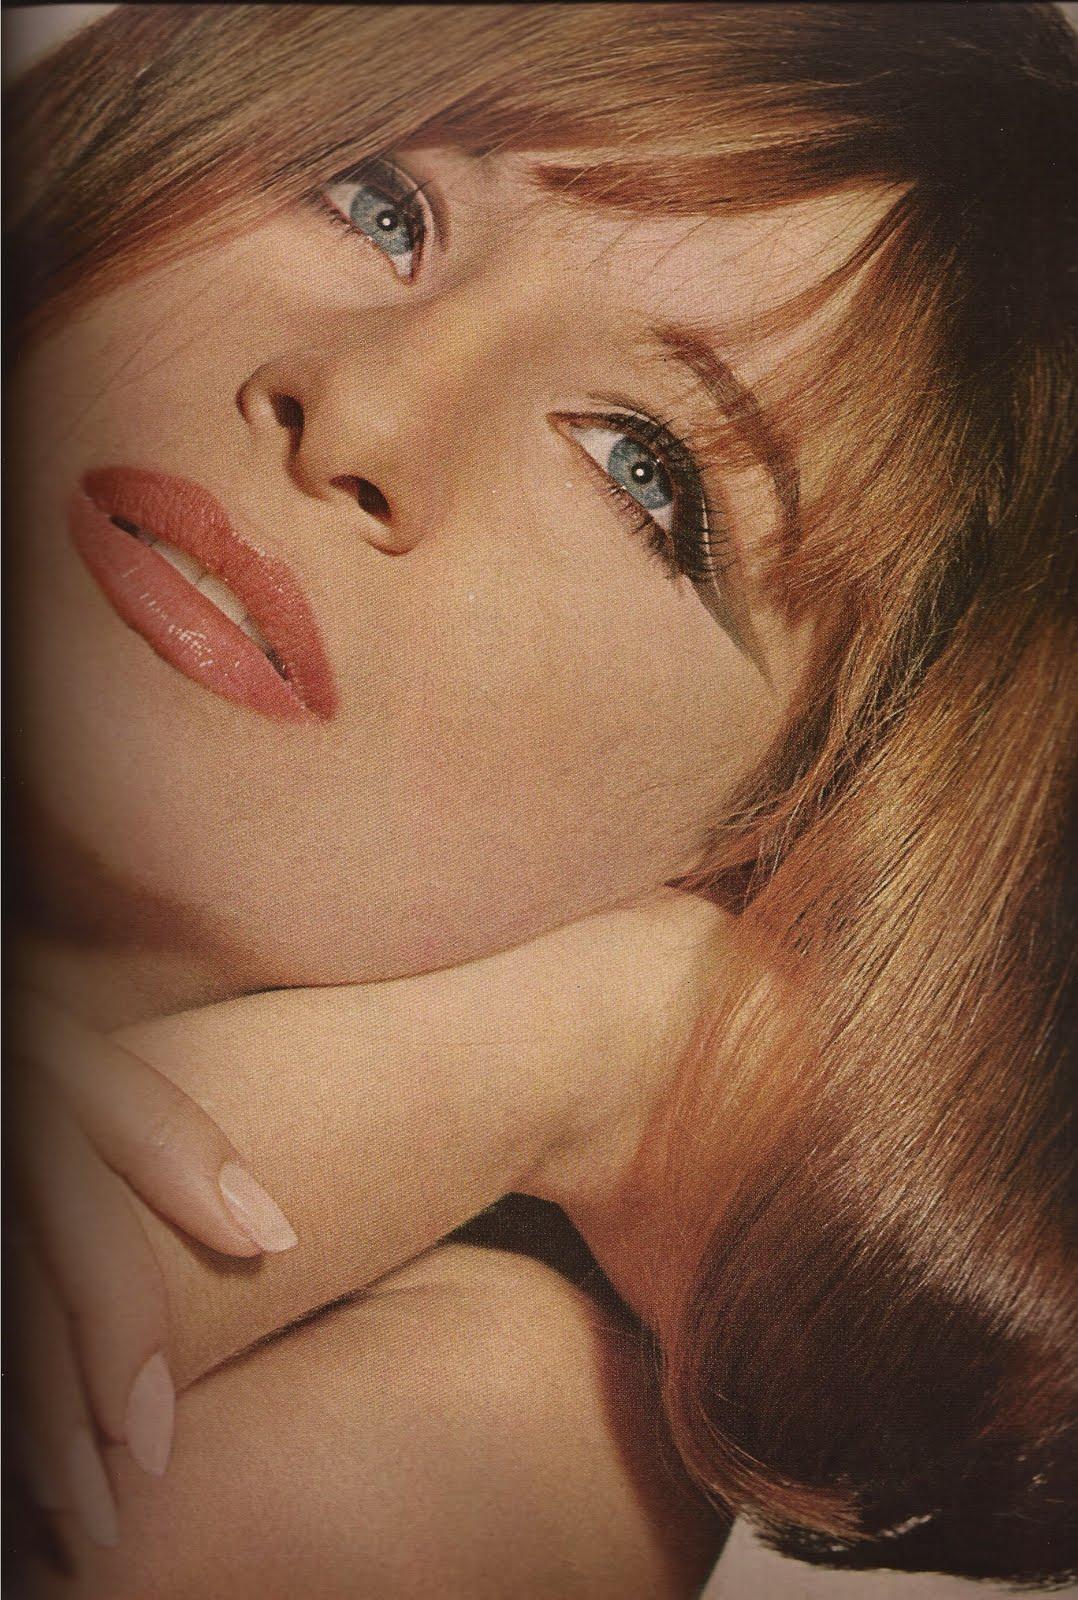 http://3.bp.blogspot.com/-vlX6aKDM8UE/TbuczPiLOHI/AAAAAAAAAnA/45wzHeFlqmU/s1600/Vogue+December+1964-2.jpg